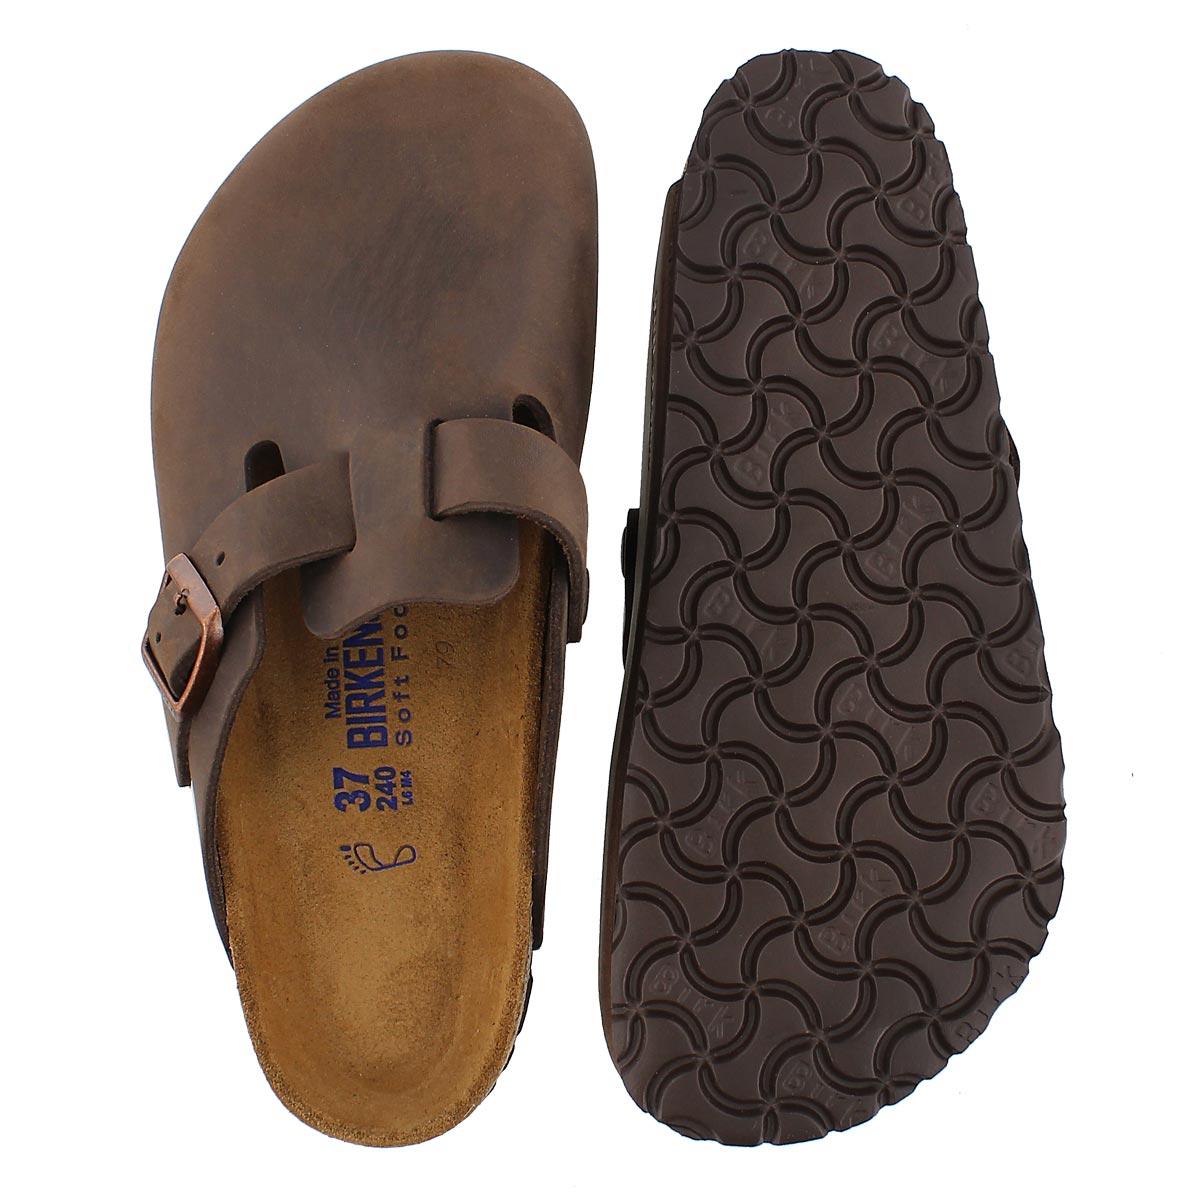 Lds Boston brn leather clog SF